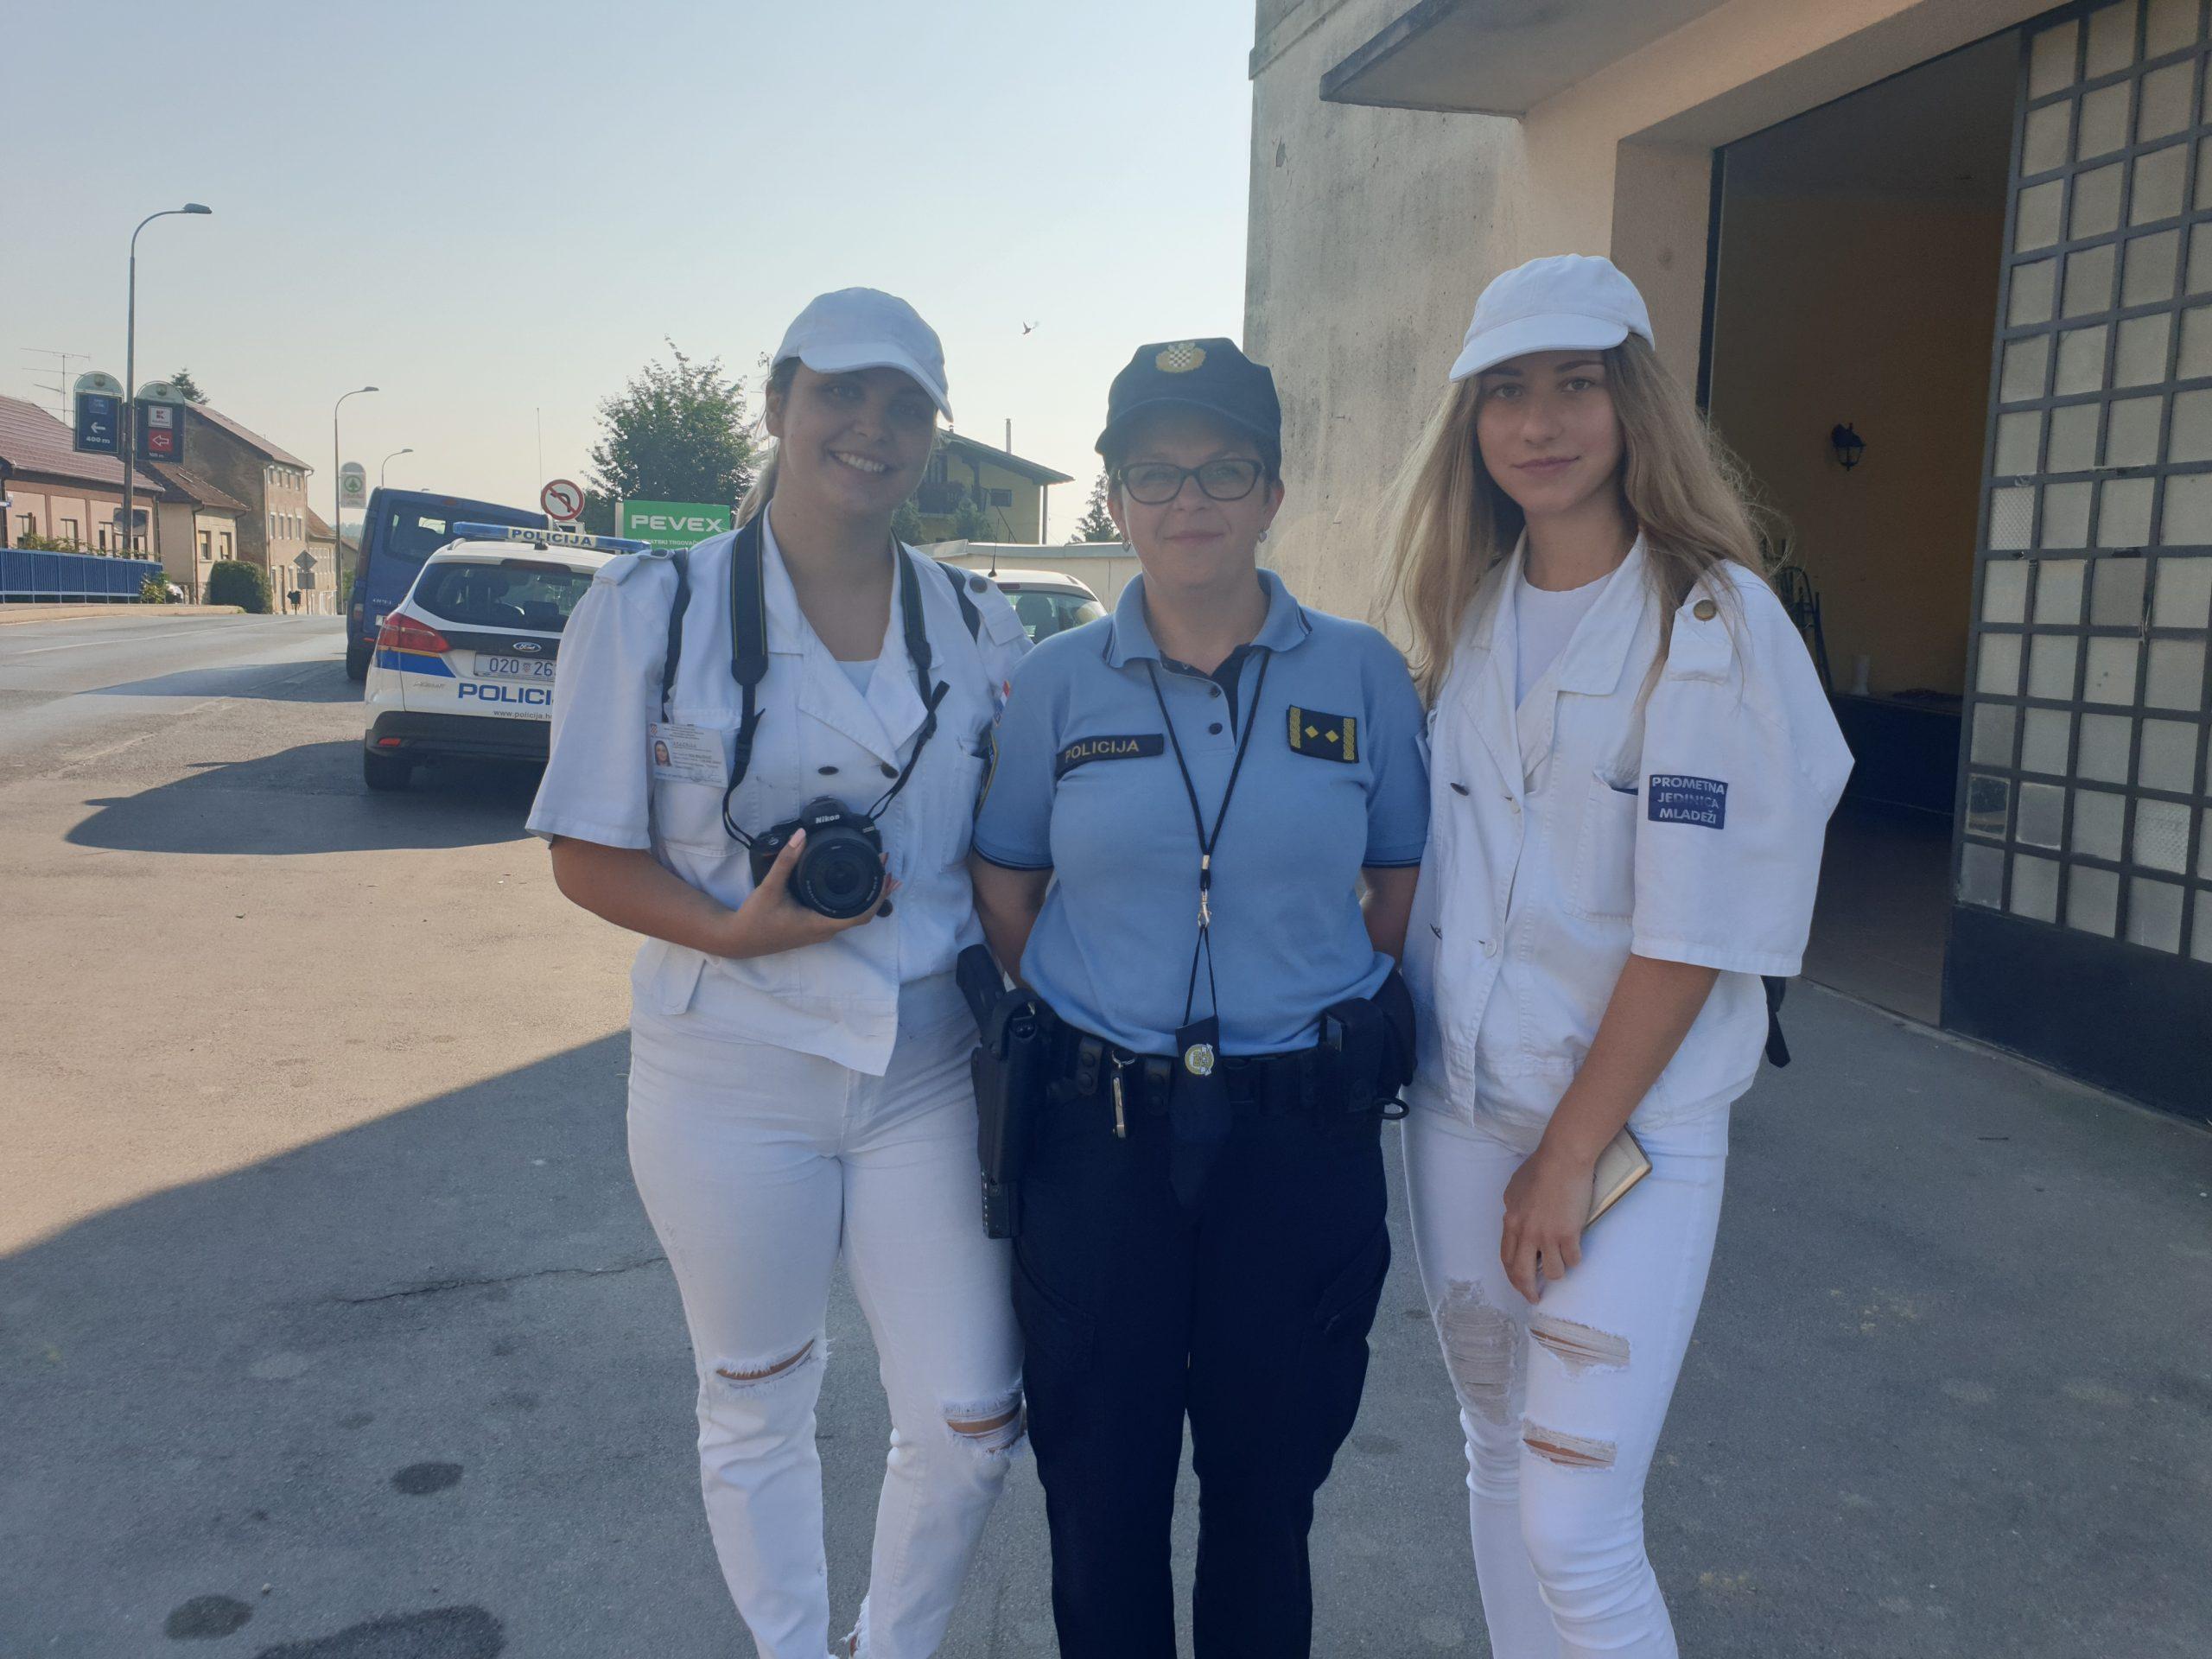 Dan ljubaznosti u prometu: Policijski službenici dijele nagrade savjesnim vozačima